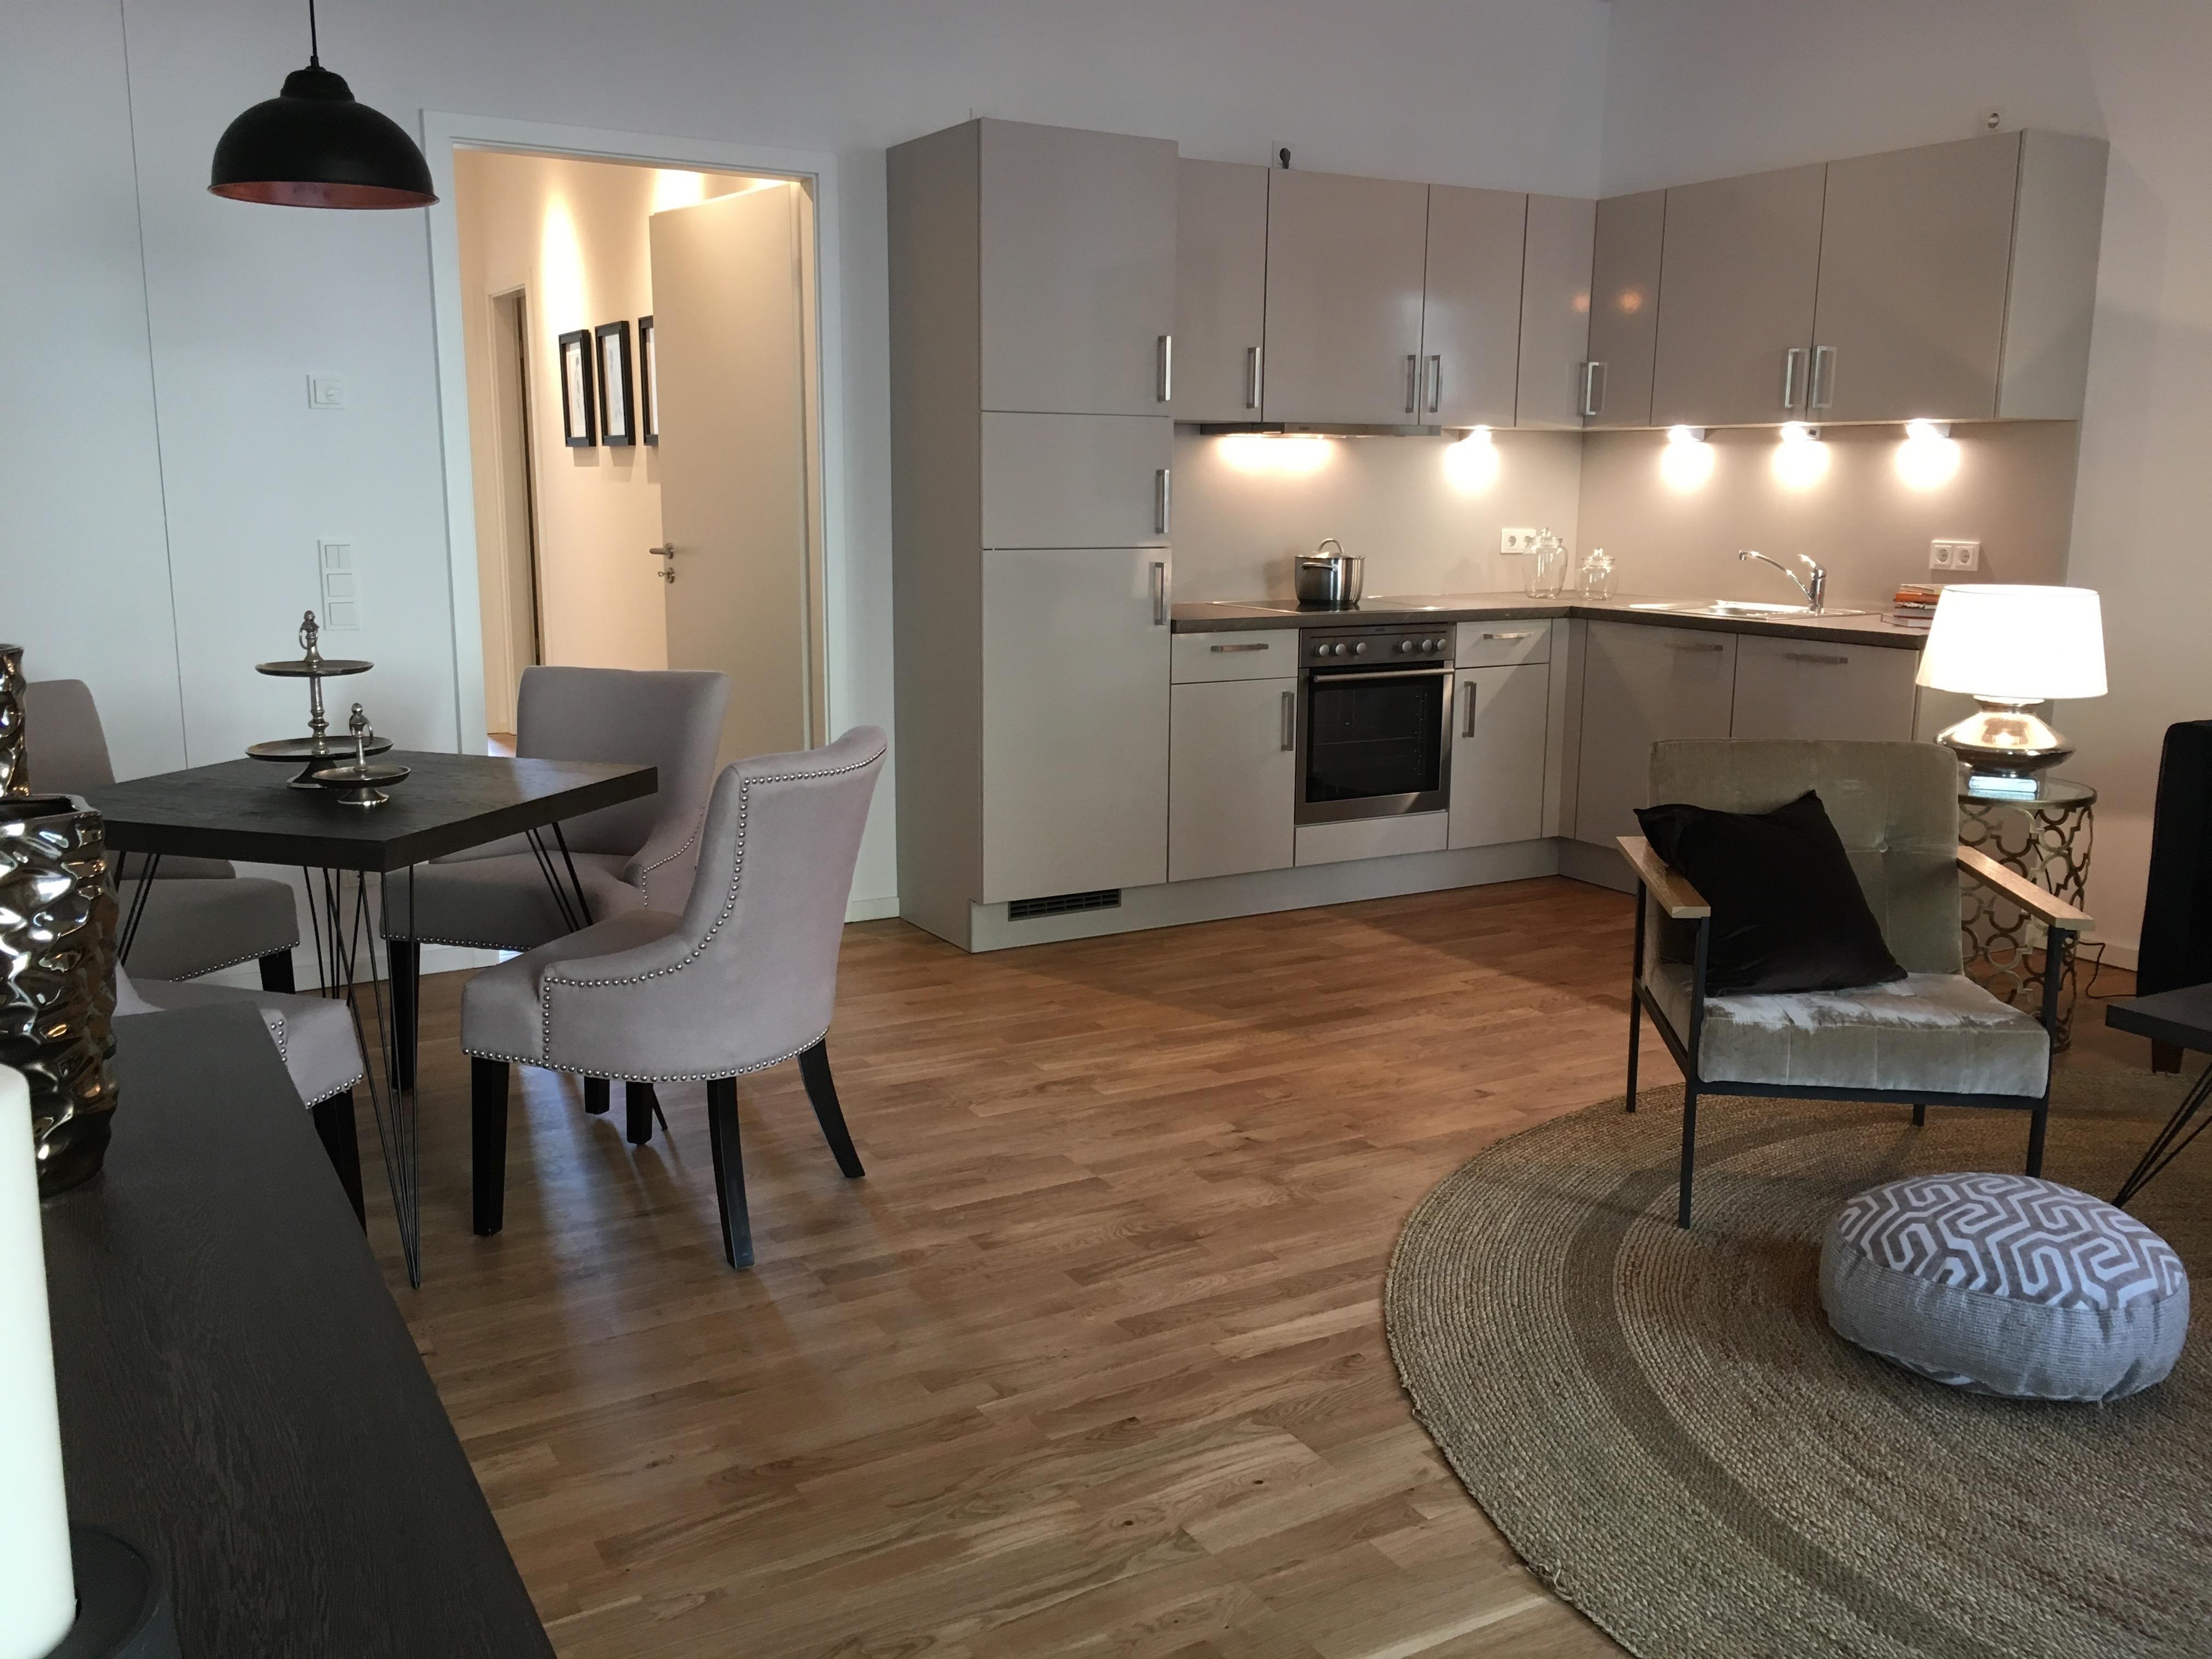 Küche Dunkler Fußboden ~ Weiße küche mit dunklem fußboden u bilder ideen u